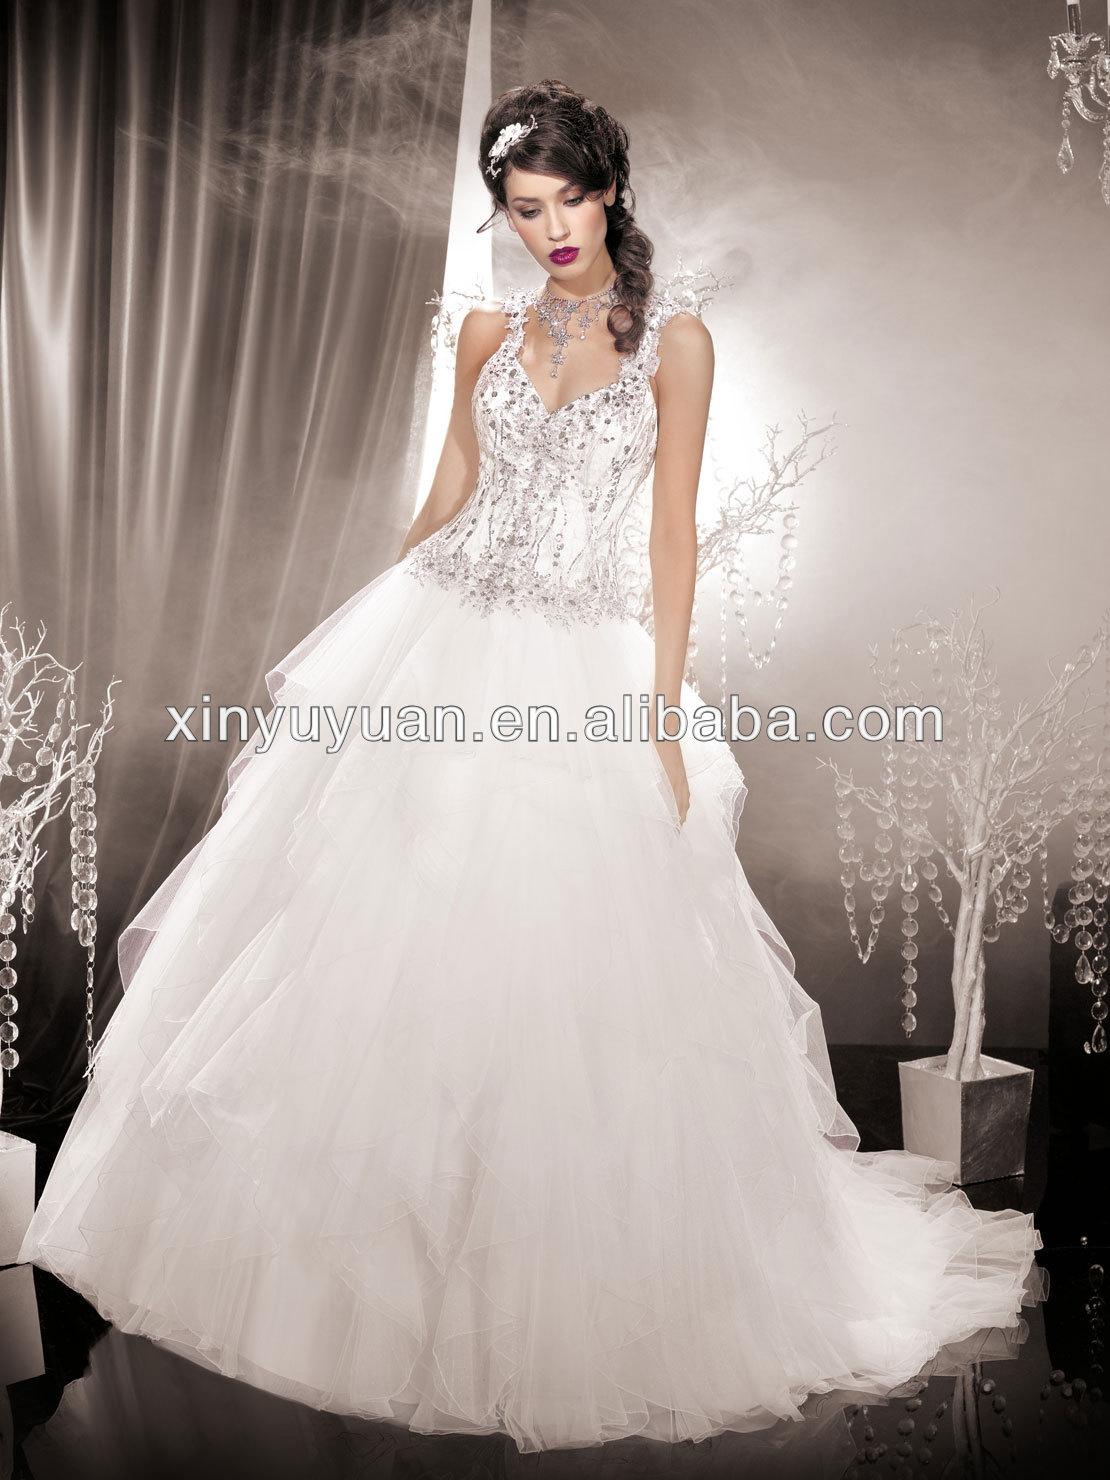 Robes de mariée amérique